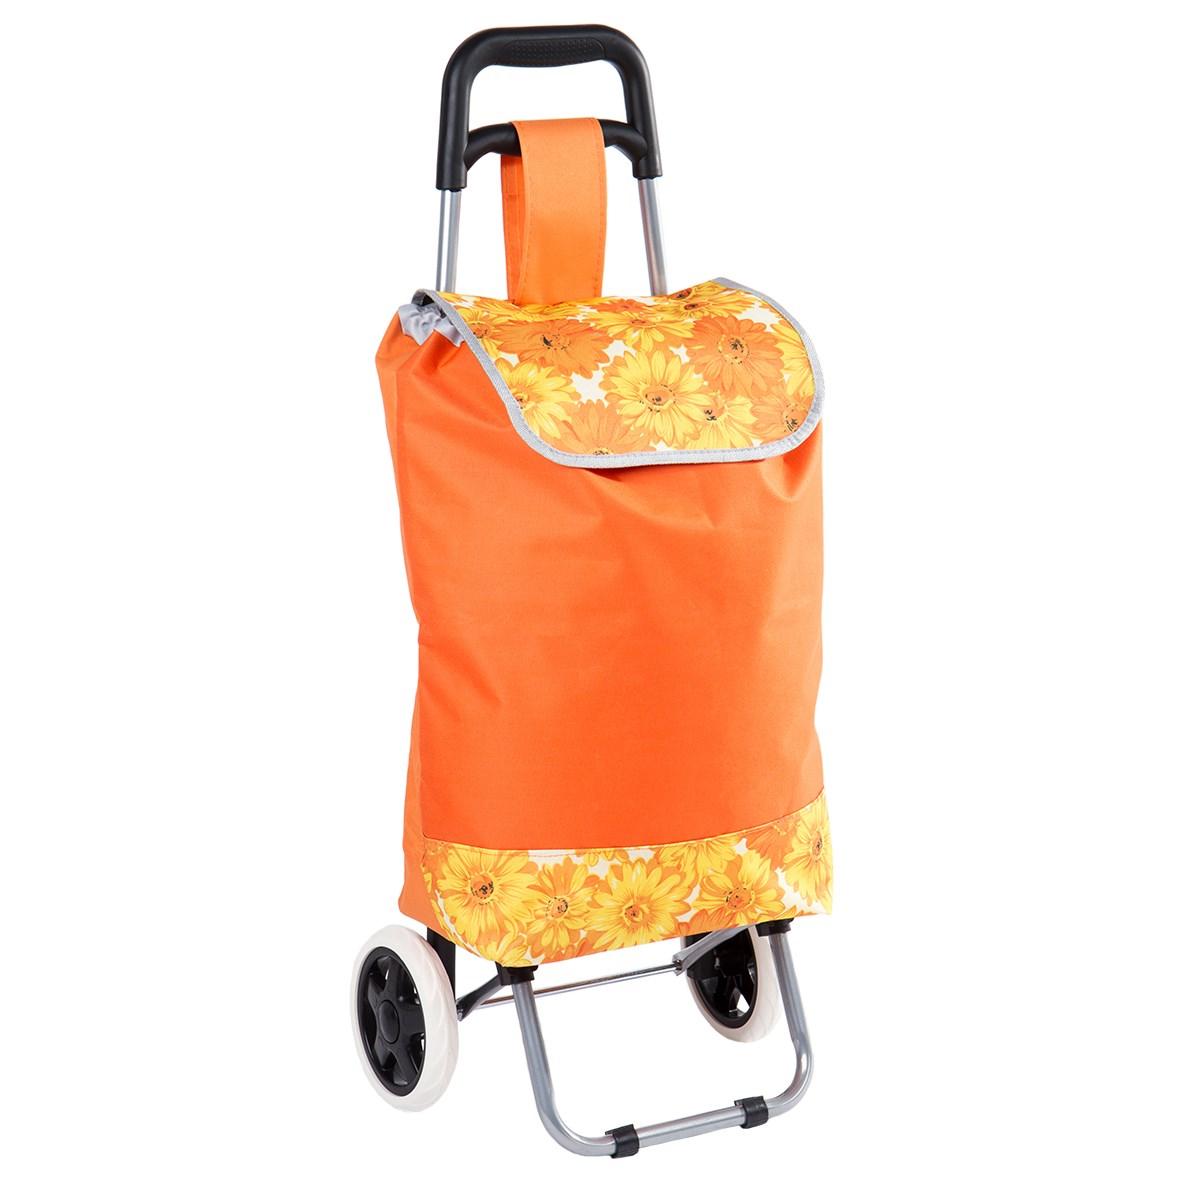 b3c04034e2aca Nákupná taška na kolieskach Daisy oranžová, - Smoliak.sk | Recepty,  recenzie a zoznam najlepších kaviarní a reštaurácií podľa foodblogera